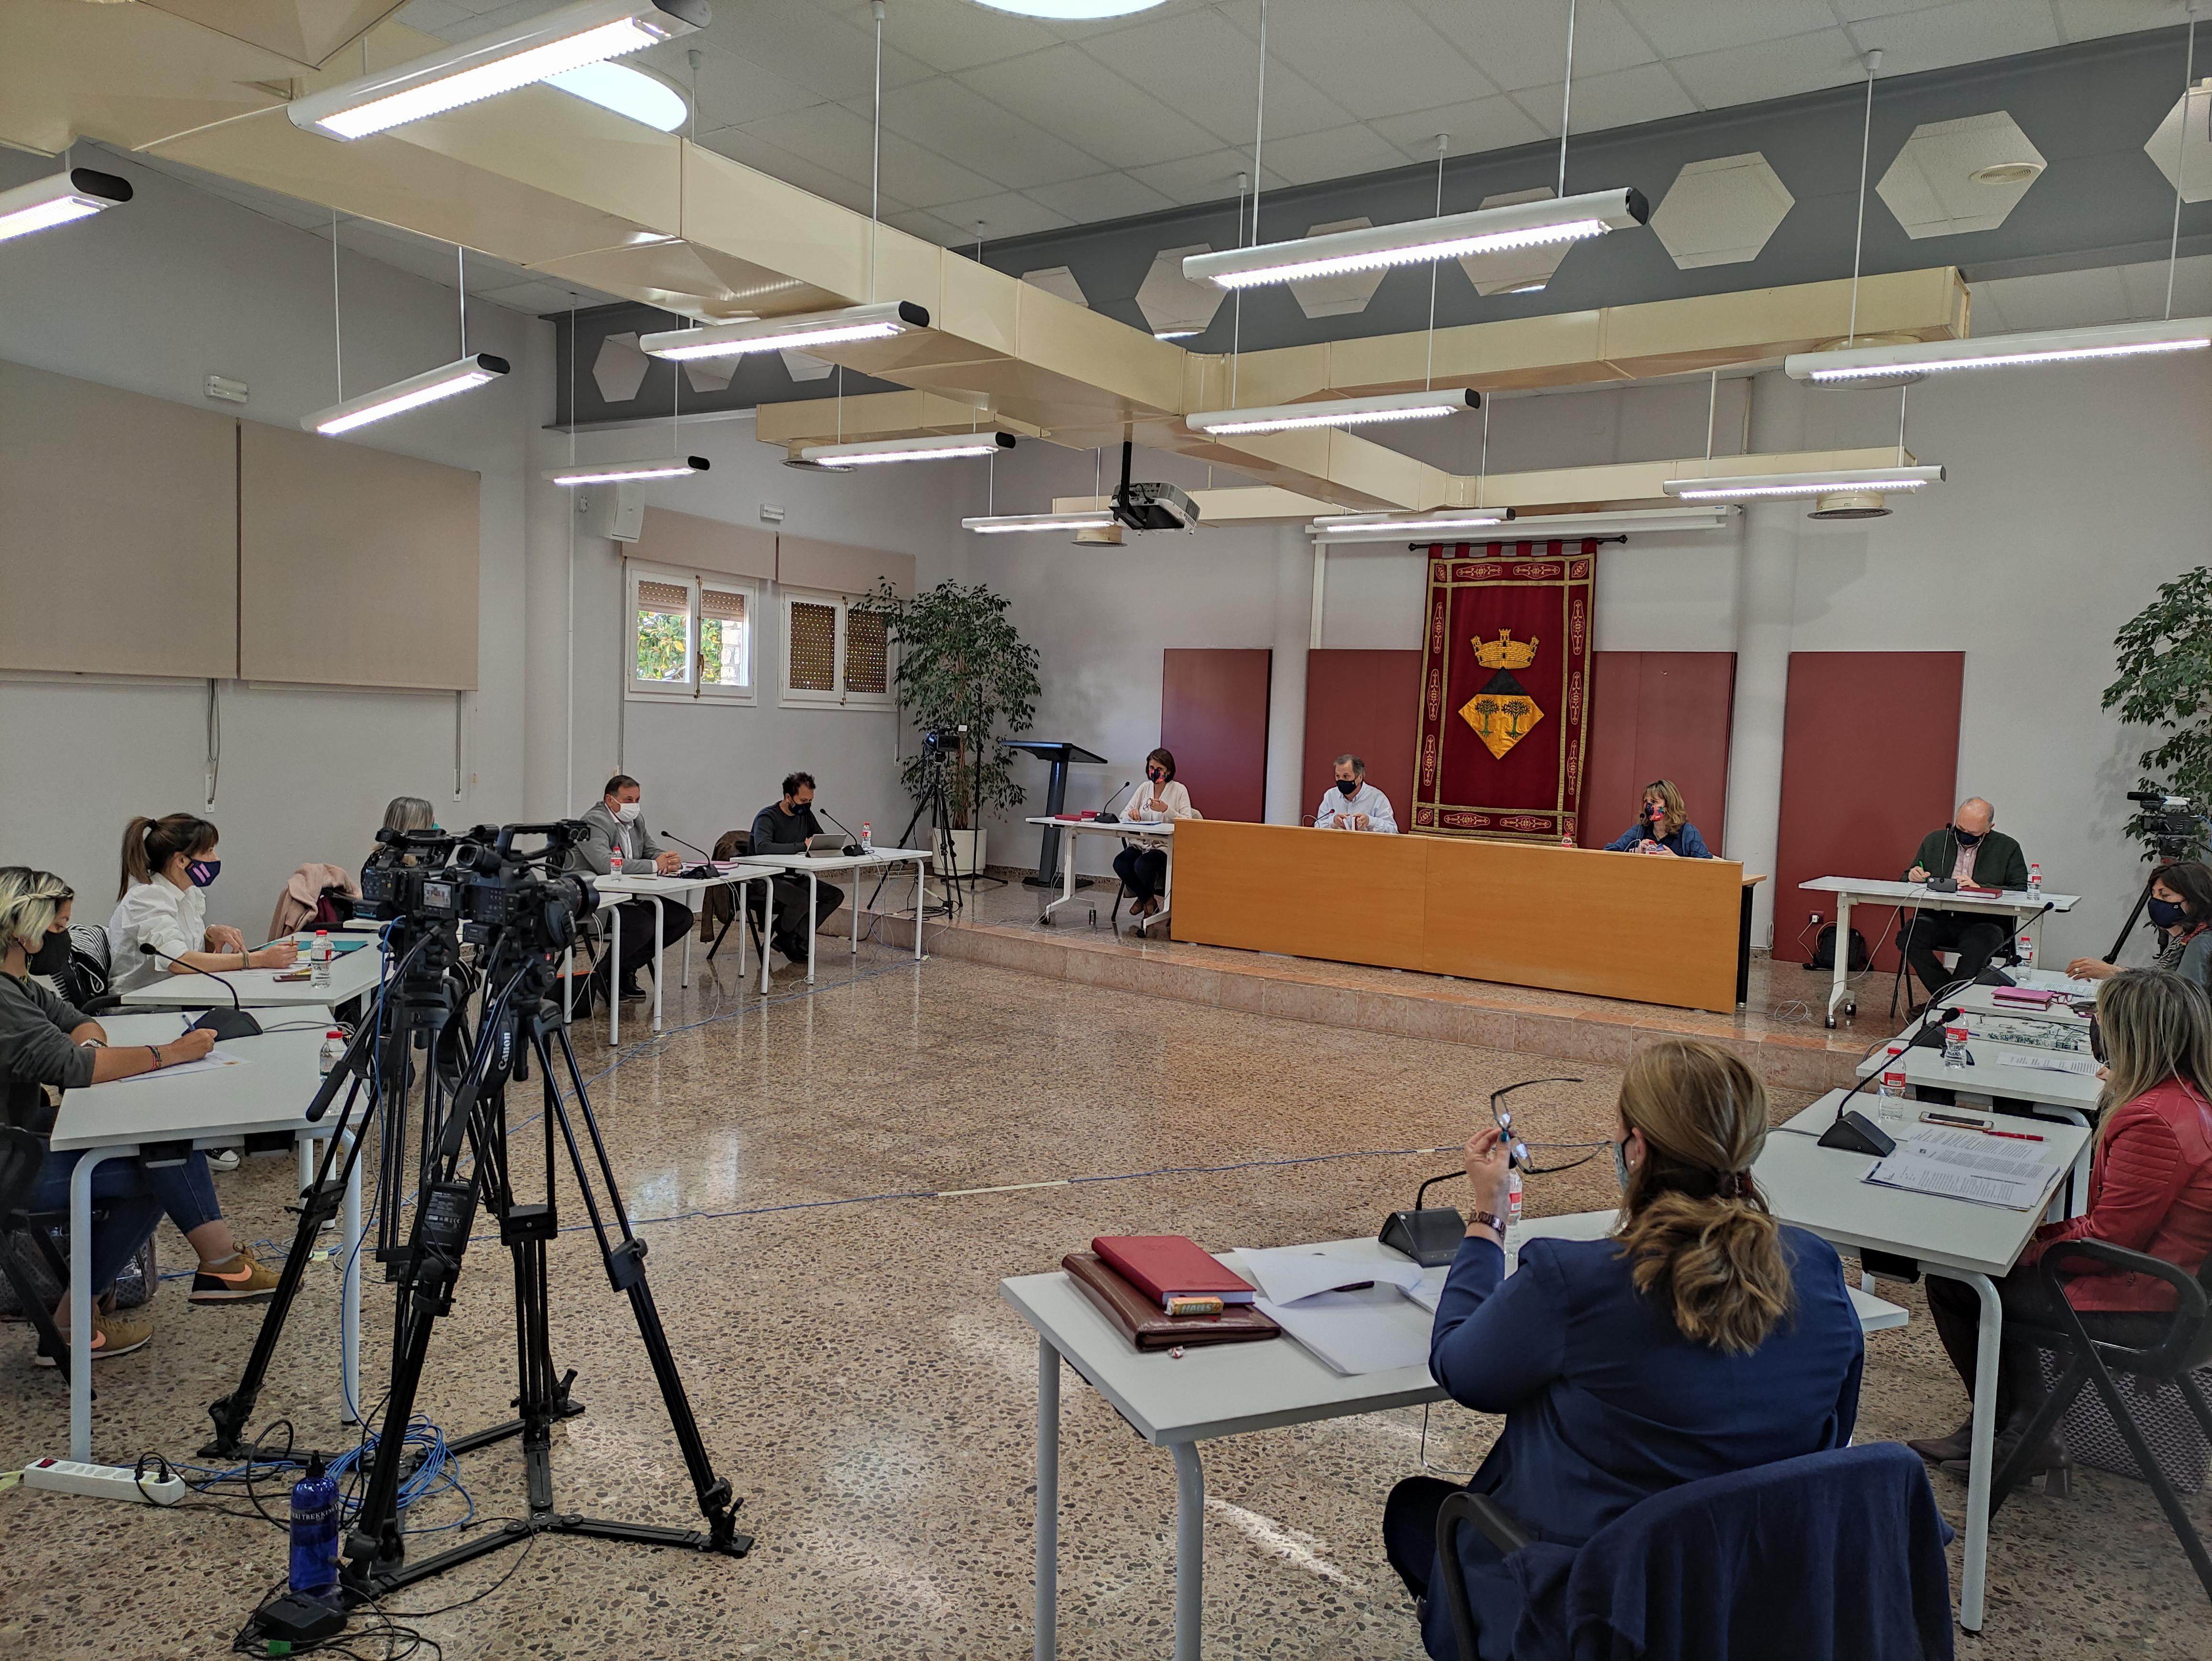 El Ple de l'Ajuntament de Vandellòs i l'Hospitalet de l'Infant aprova implantar un sistema d'estacionament regulat en la via pública, durant l'estiu